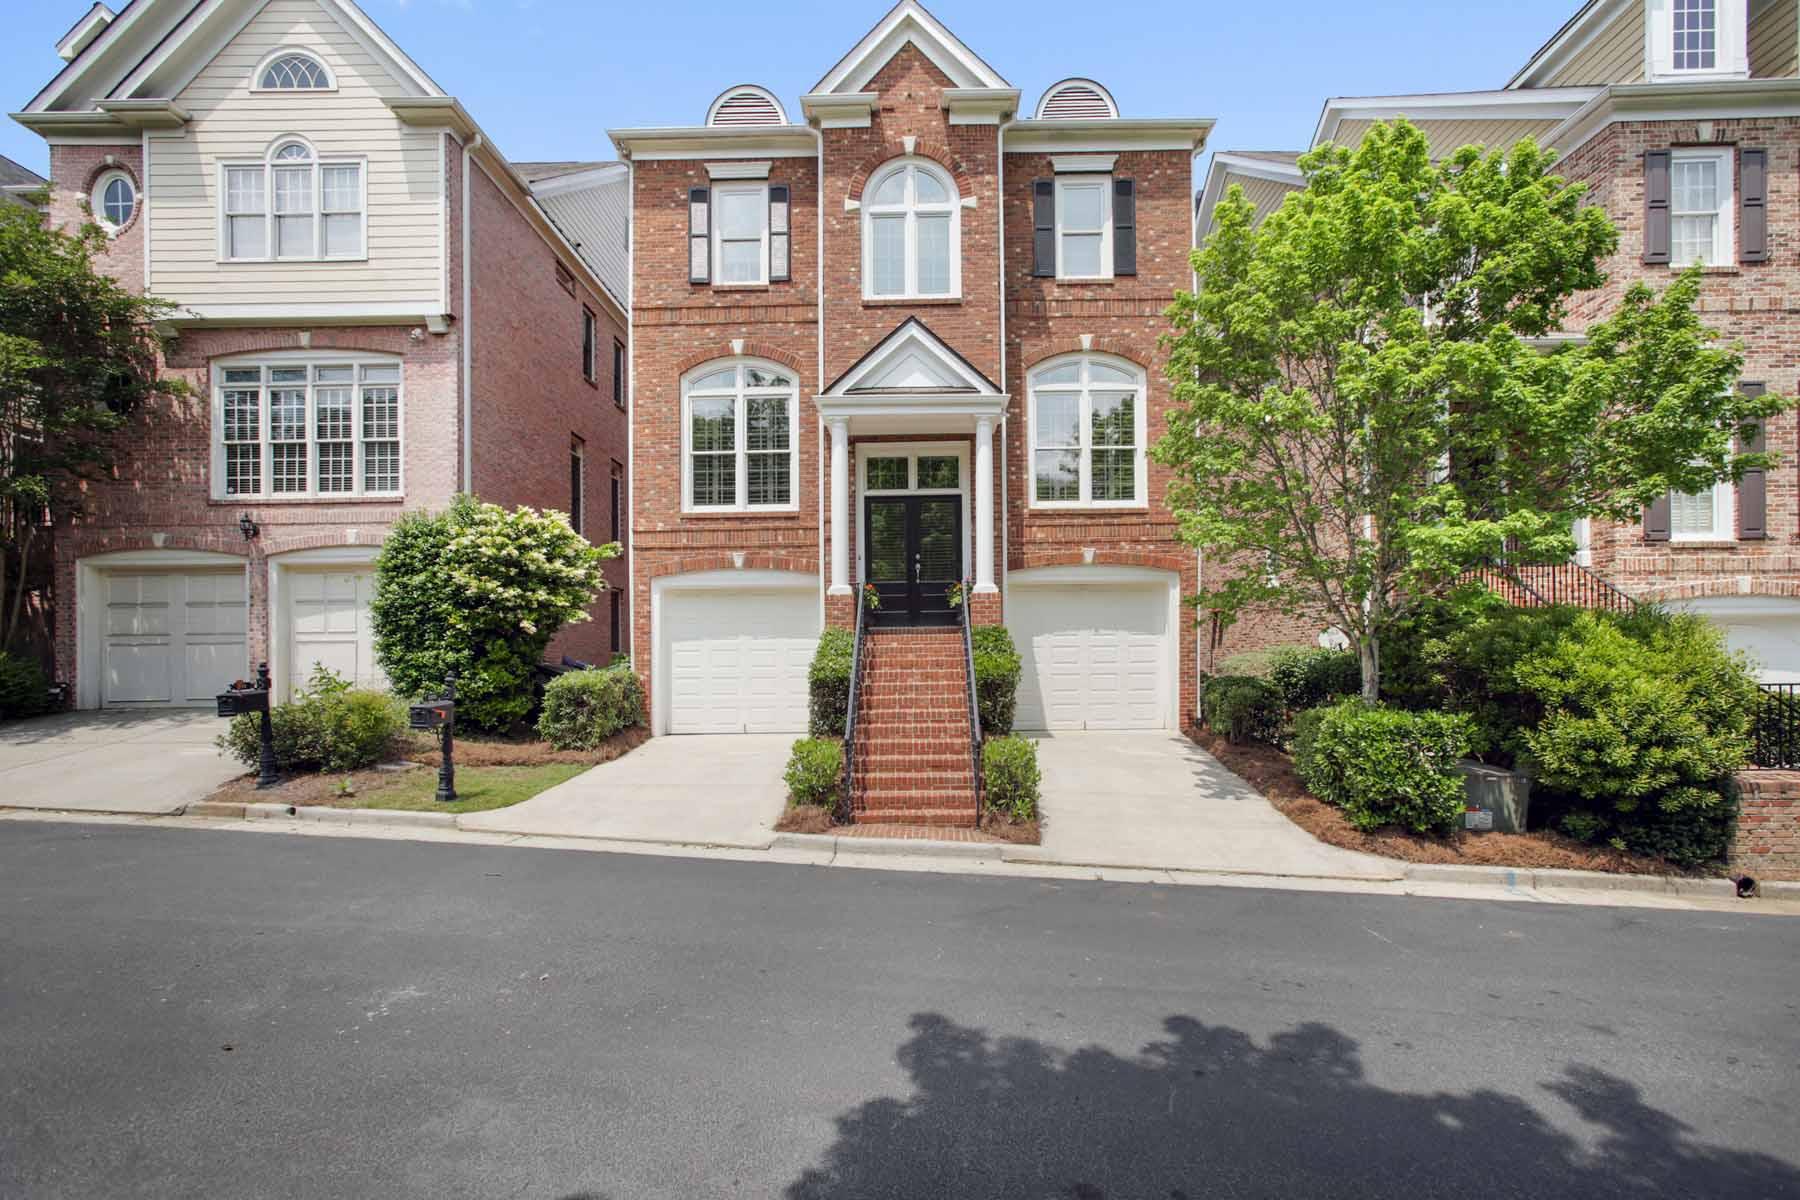 Частный односемейный дом для того Продажа на Amazing All brick Three level Four bed/Three and a Half Bath Executive Property 1111 Valley Overlook Drive NE Atlanta, Джорджия, 30324 Соединенные Штаты